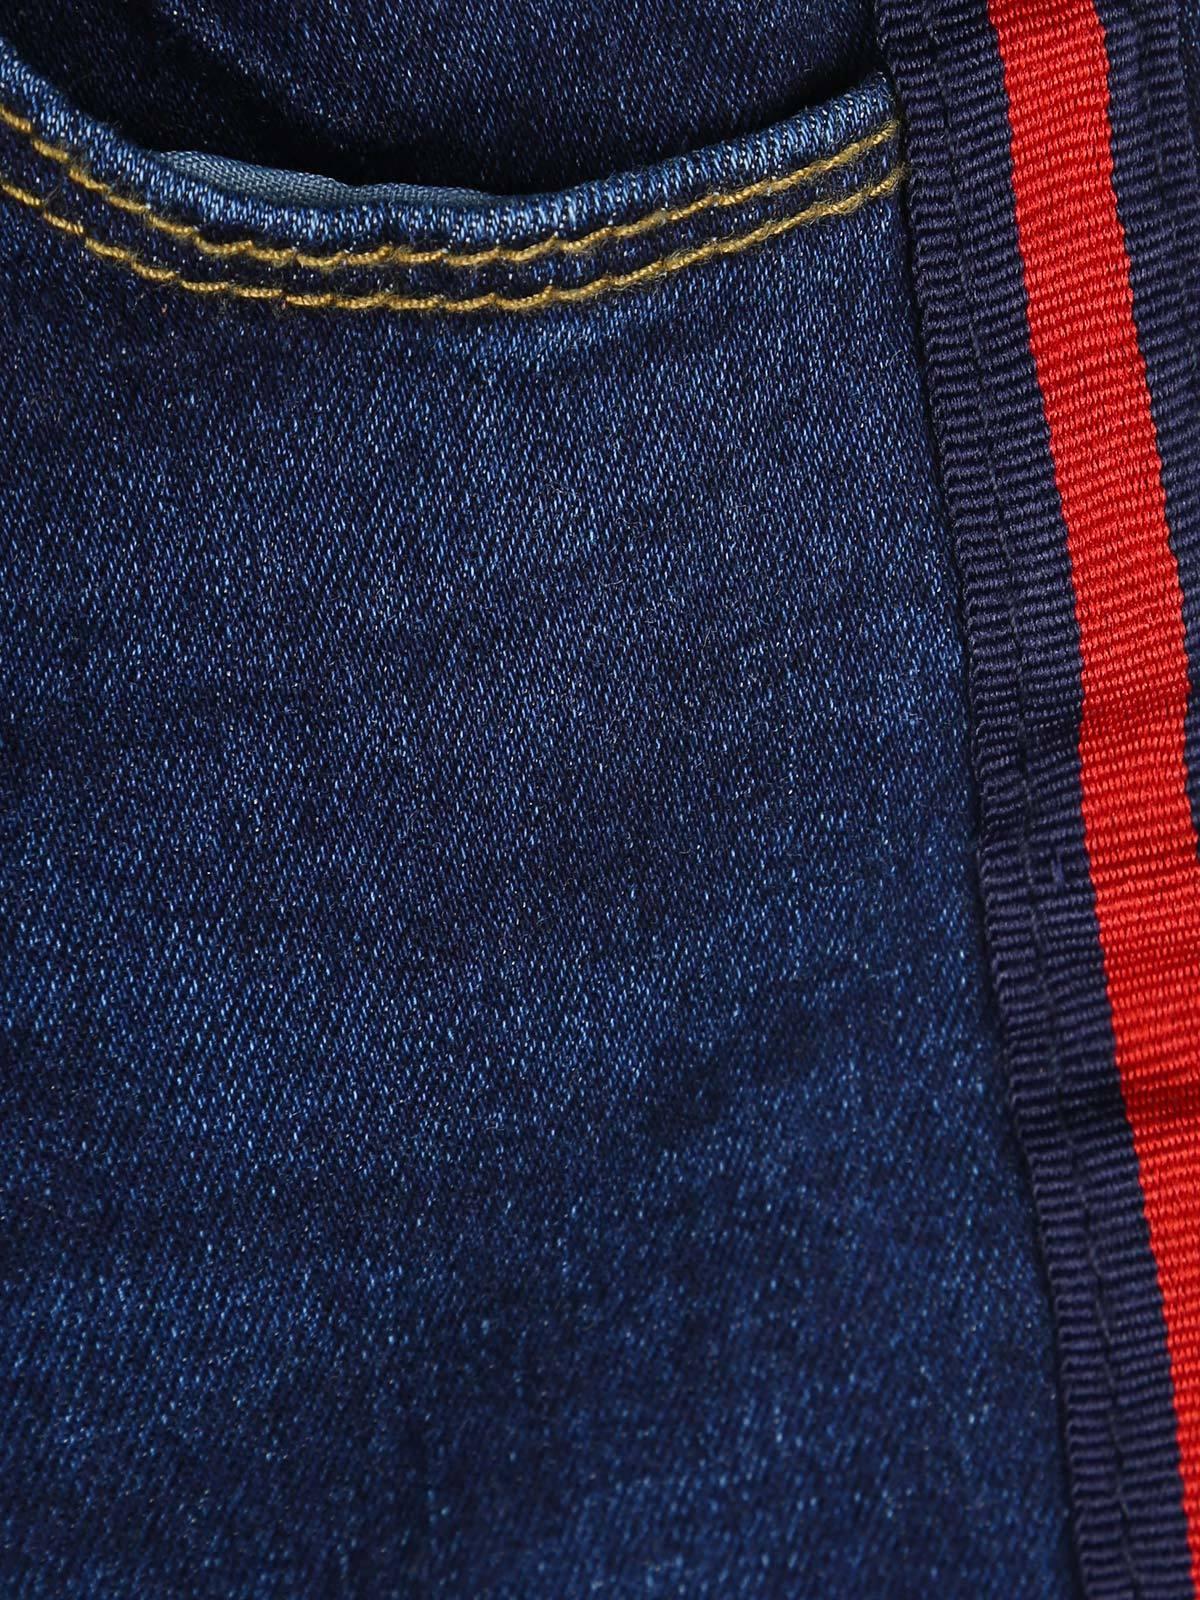 Jeans Con Rayas Al Lado Del Bebe Chica Mecshopping